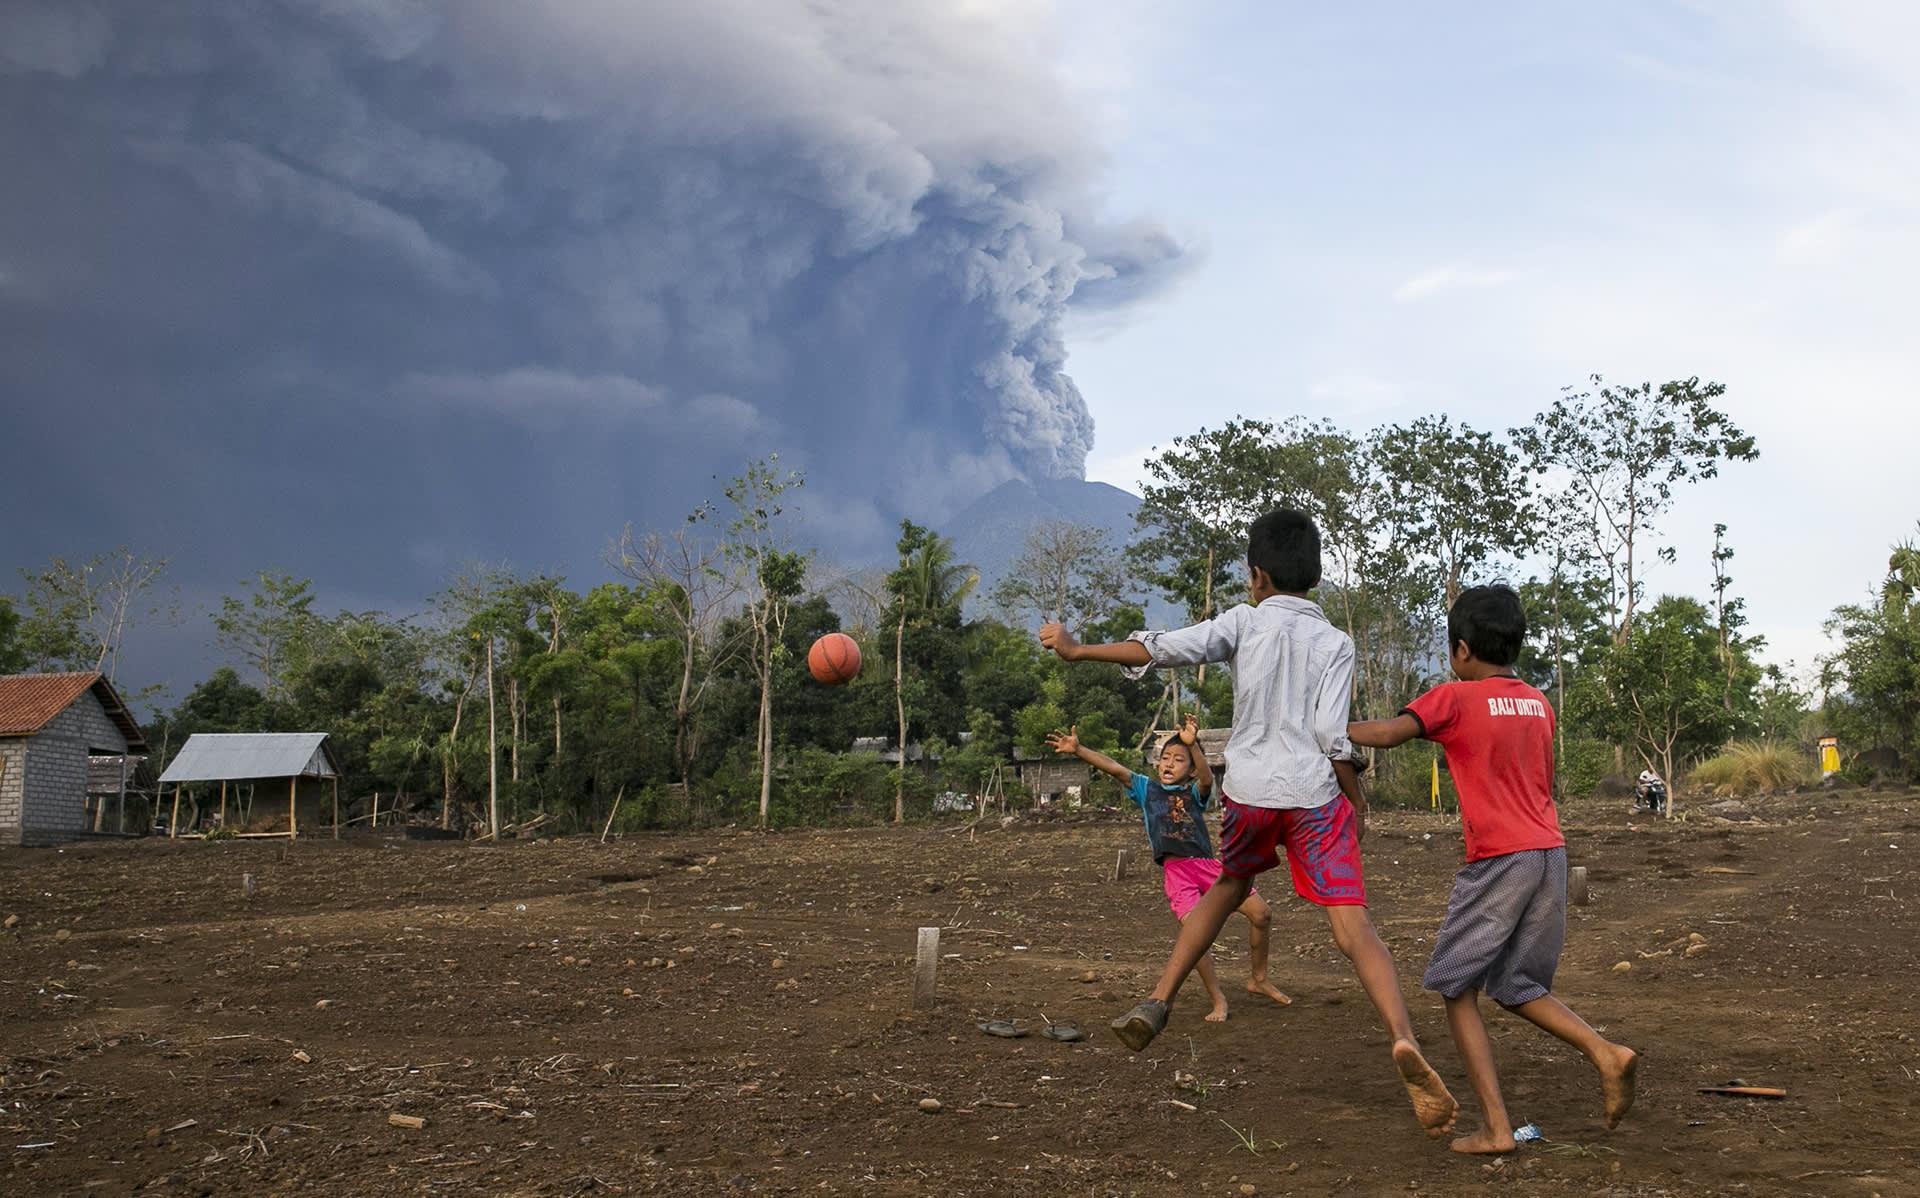 Pojat pelasivat jalkapalloa Agung-tulivuoren syöstessä tuhkaa Balilla 26. marraskuuta.